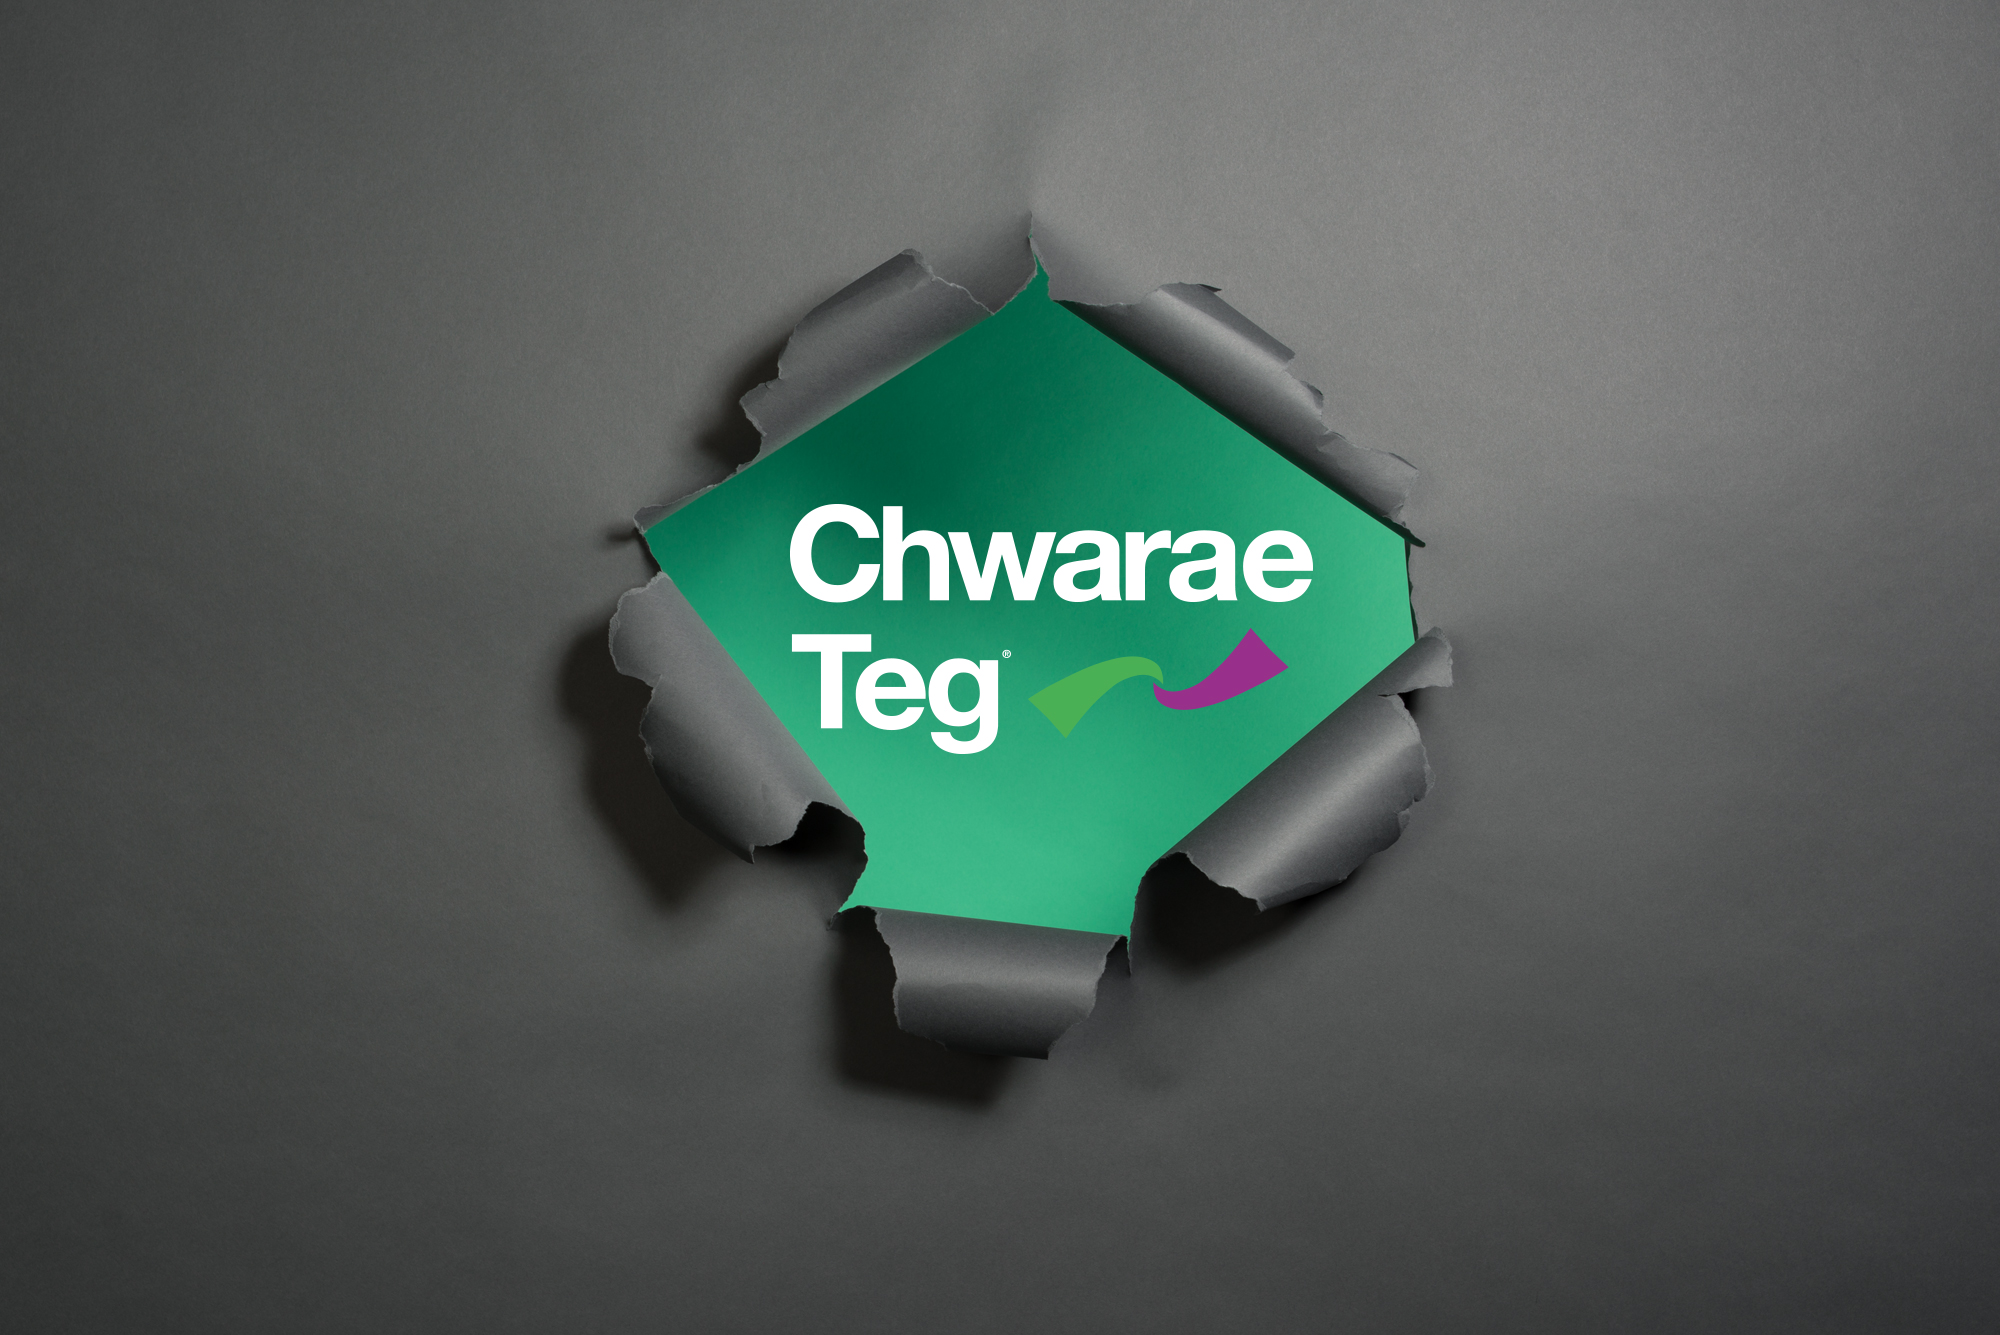 chwarae-teg.jpg